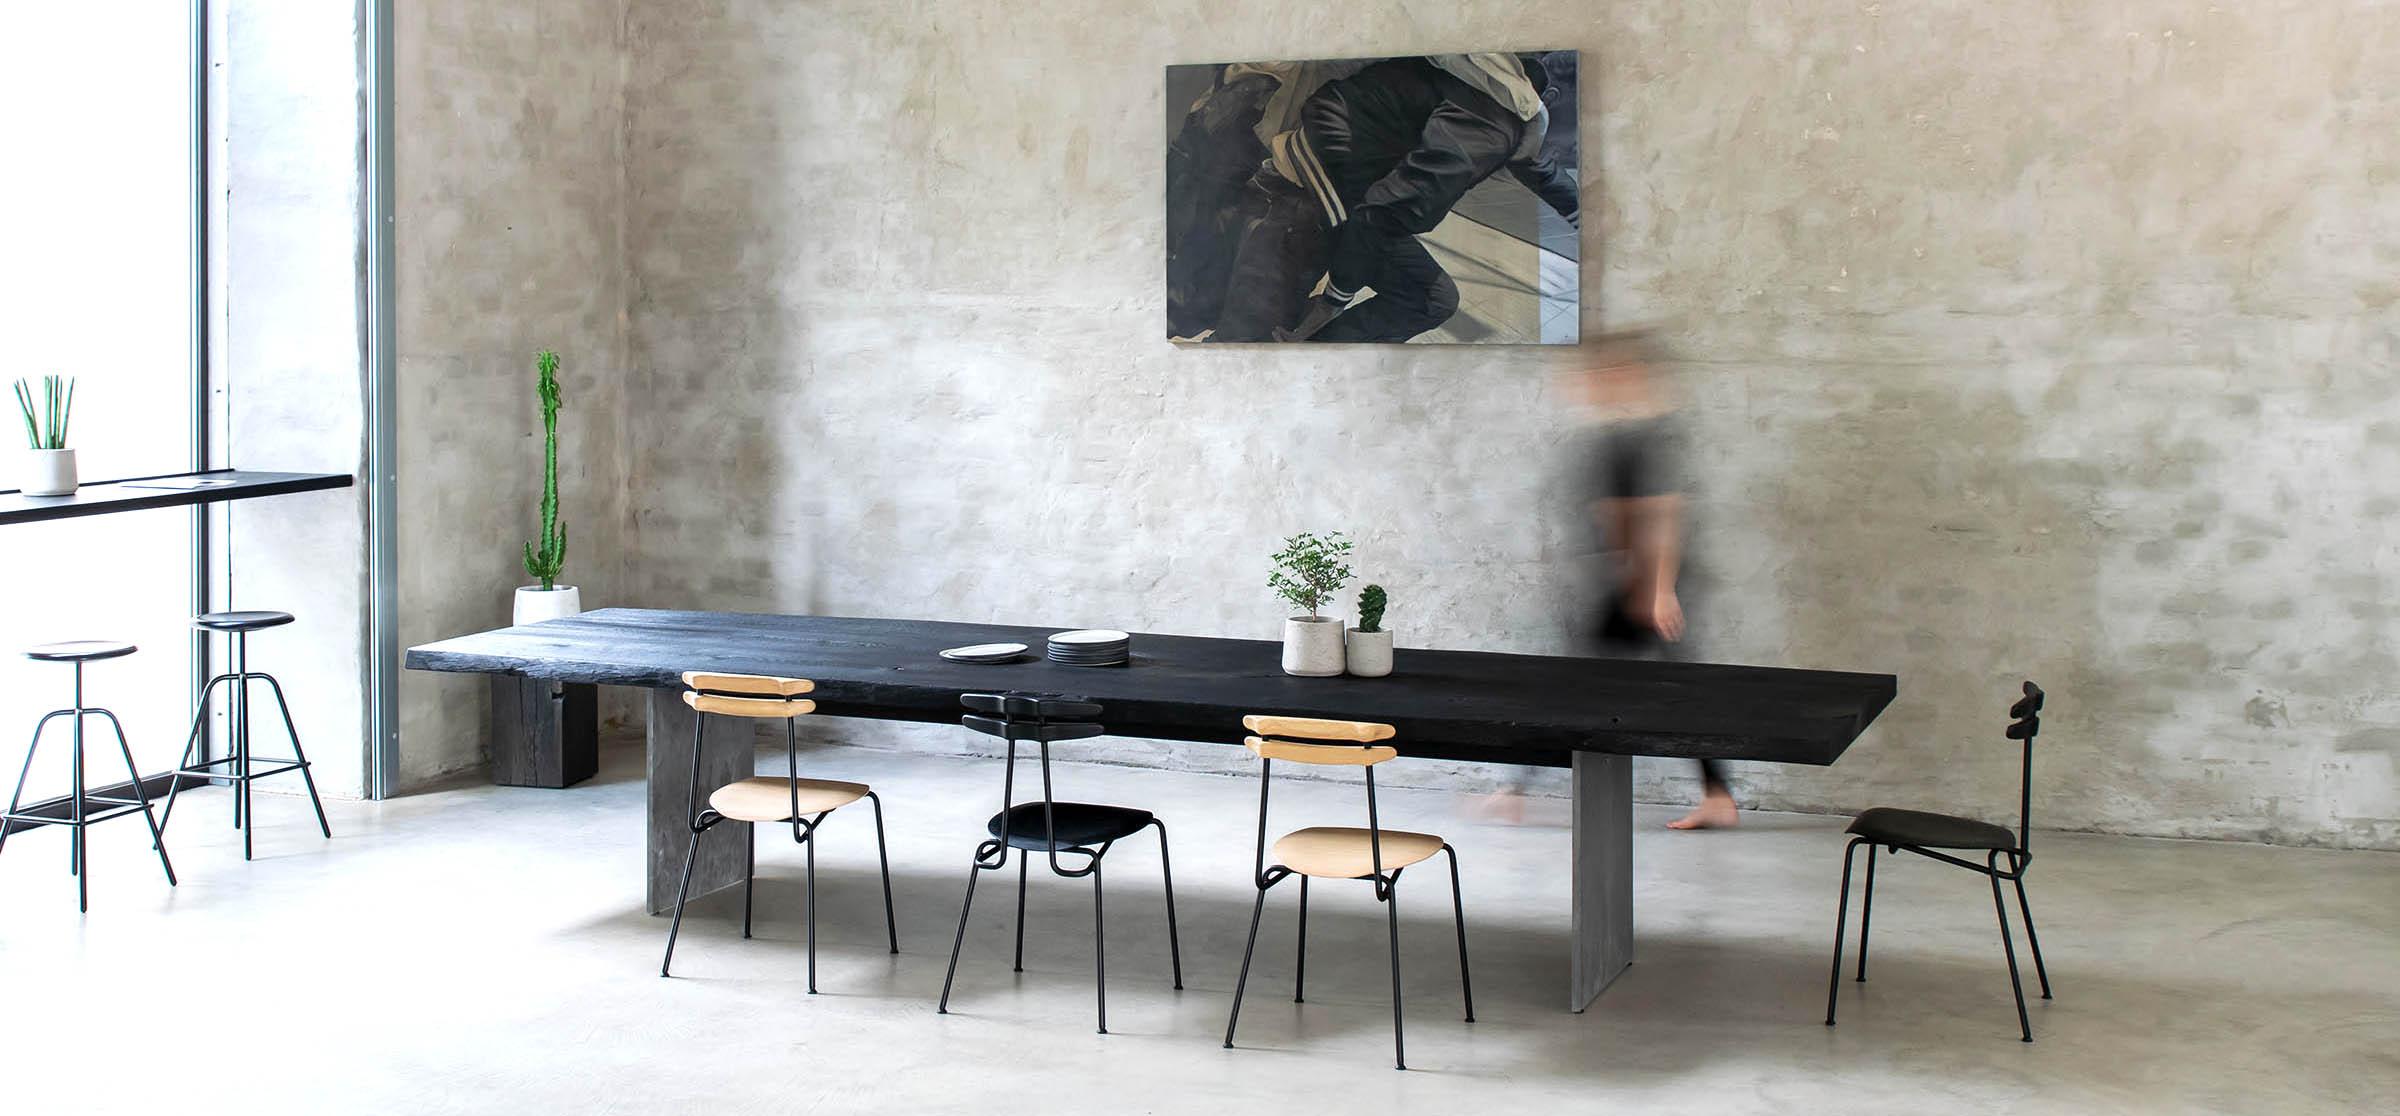 Massivholzmobel Ideen Esstisch Baumstamm - House Interior ...